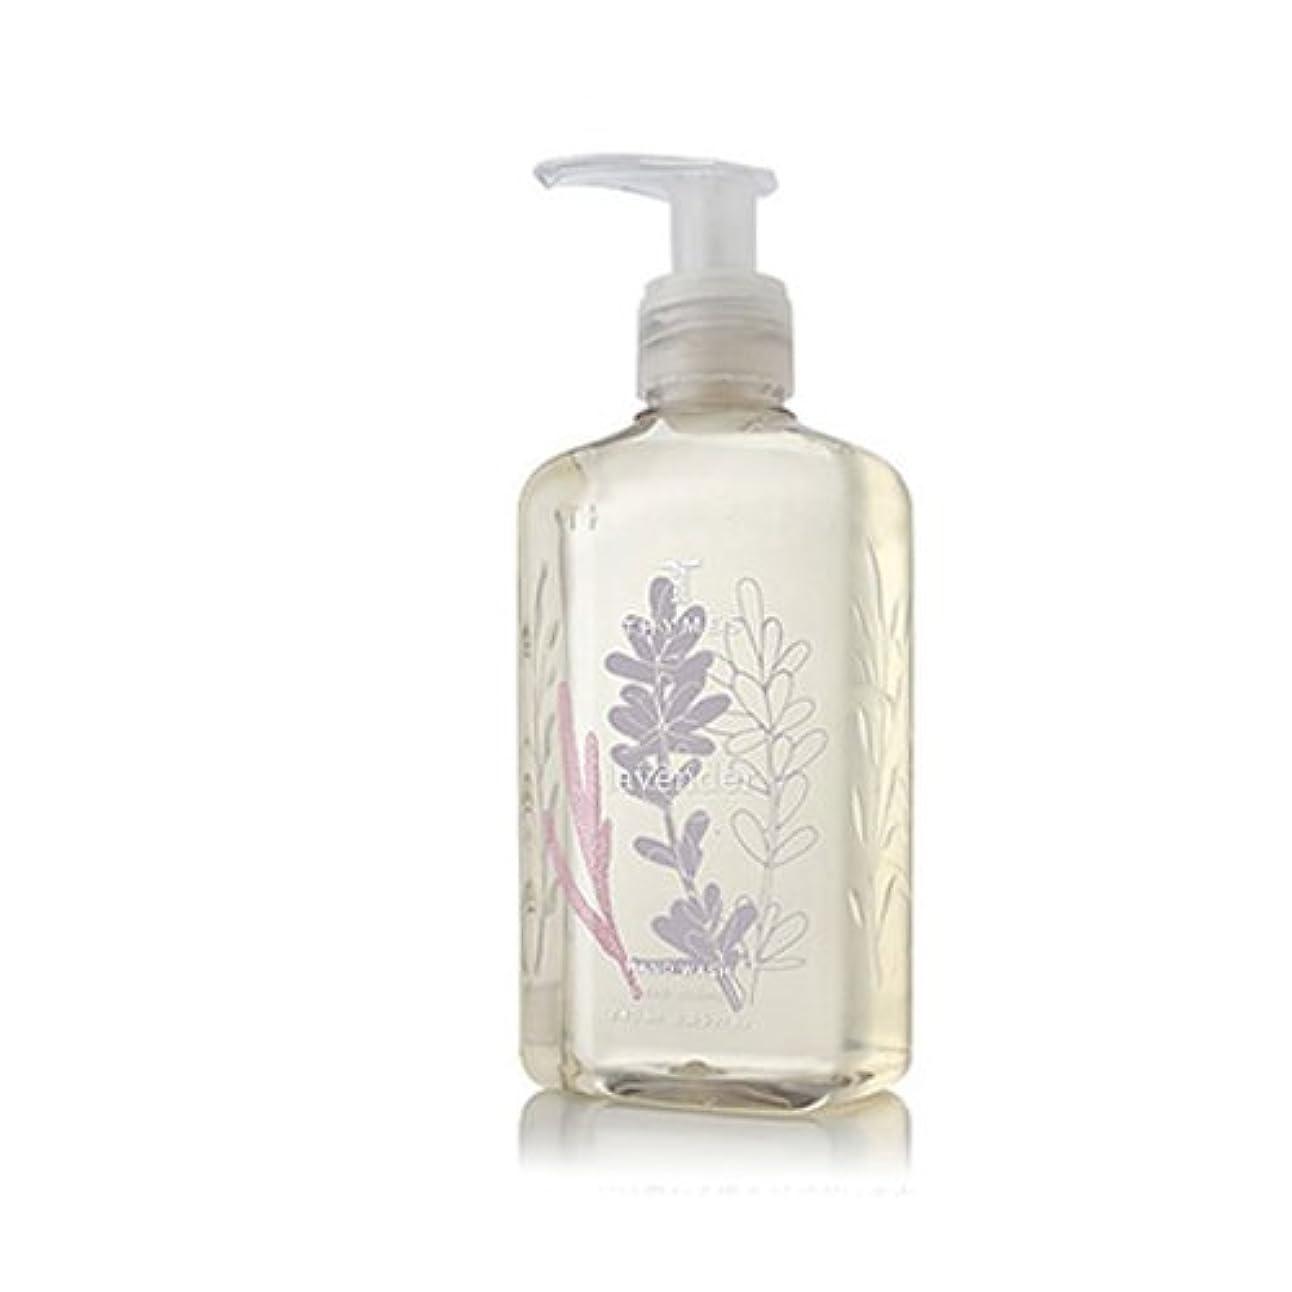 THYMES タイムズ ハンドウォッシュ 240ml ラベンダー Hand Wash 8.25 fl oz Lavender [並行輸入品]